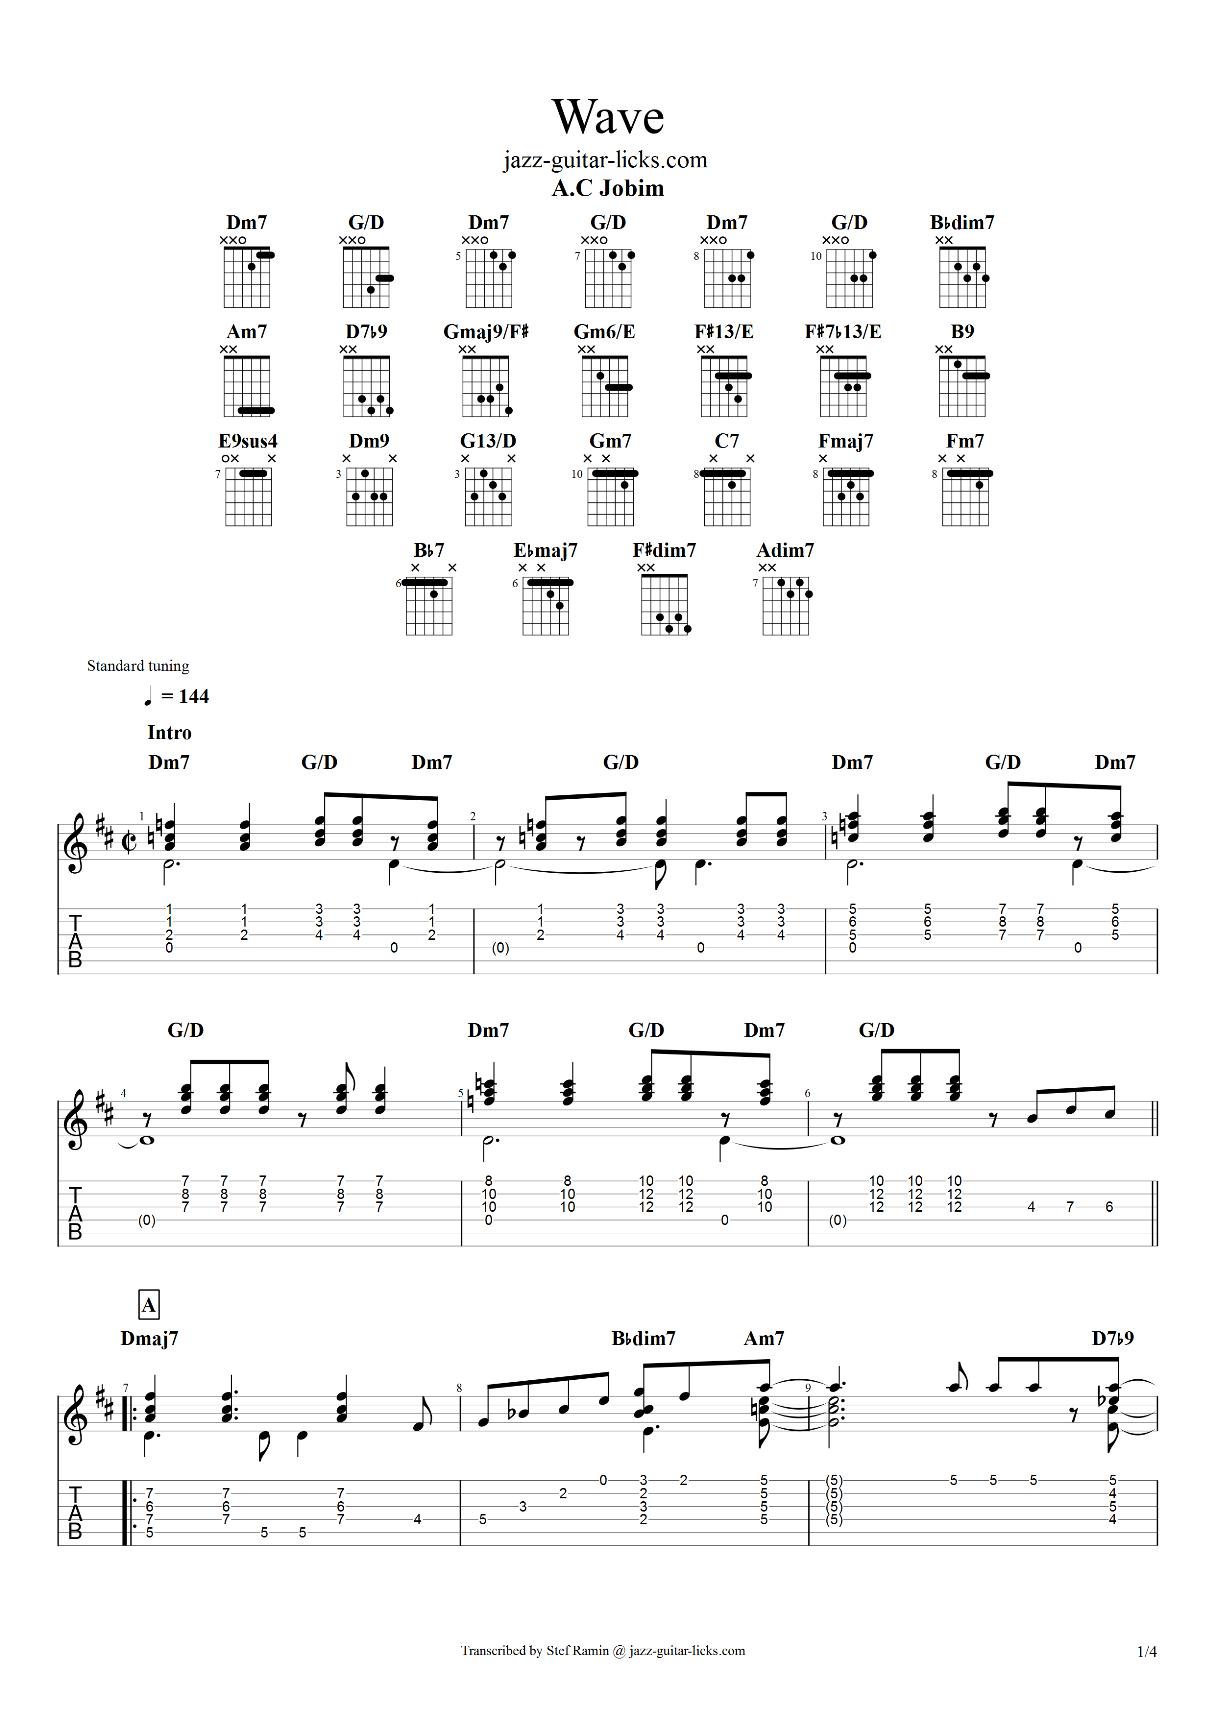 Wave a c jobim guitar tabs 1